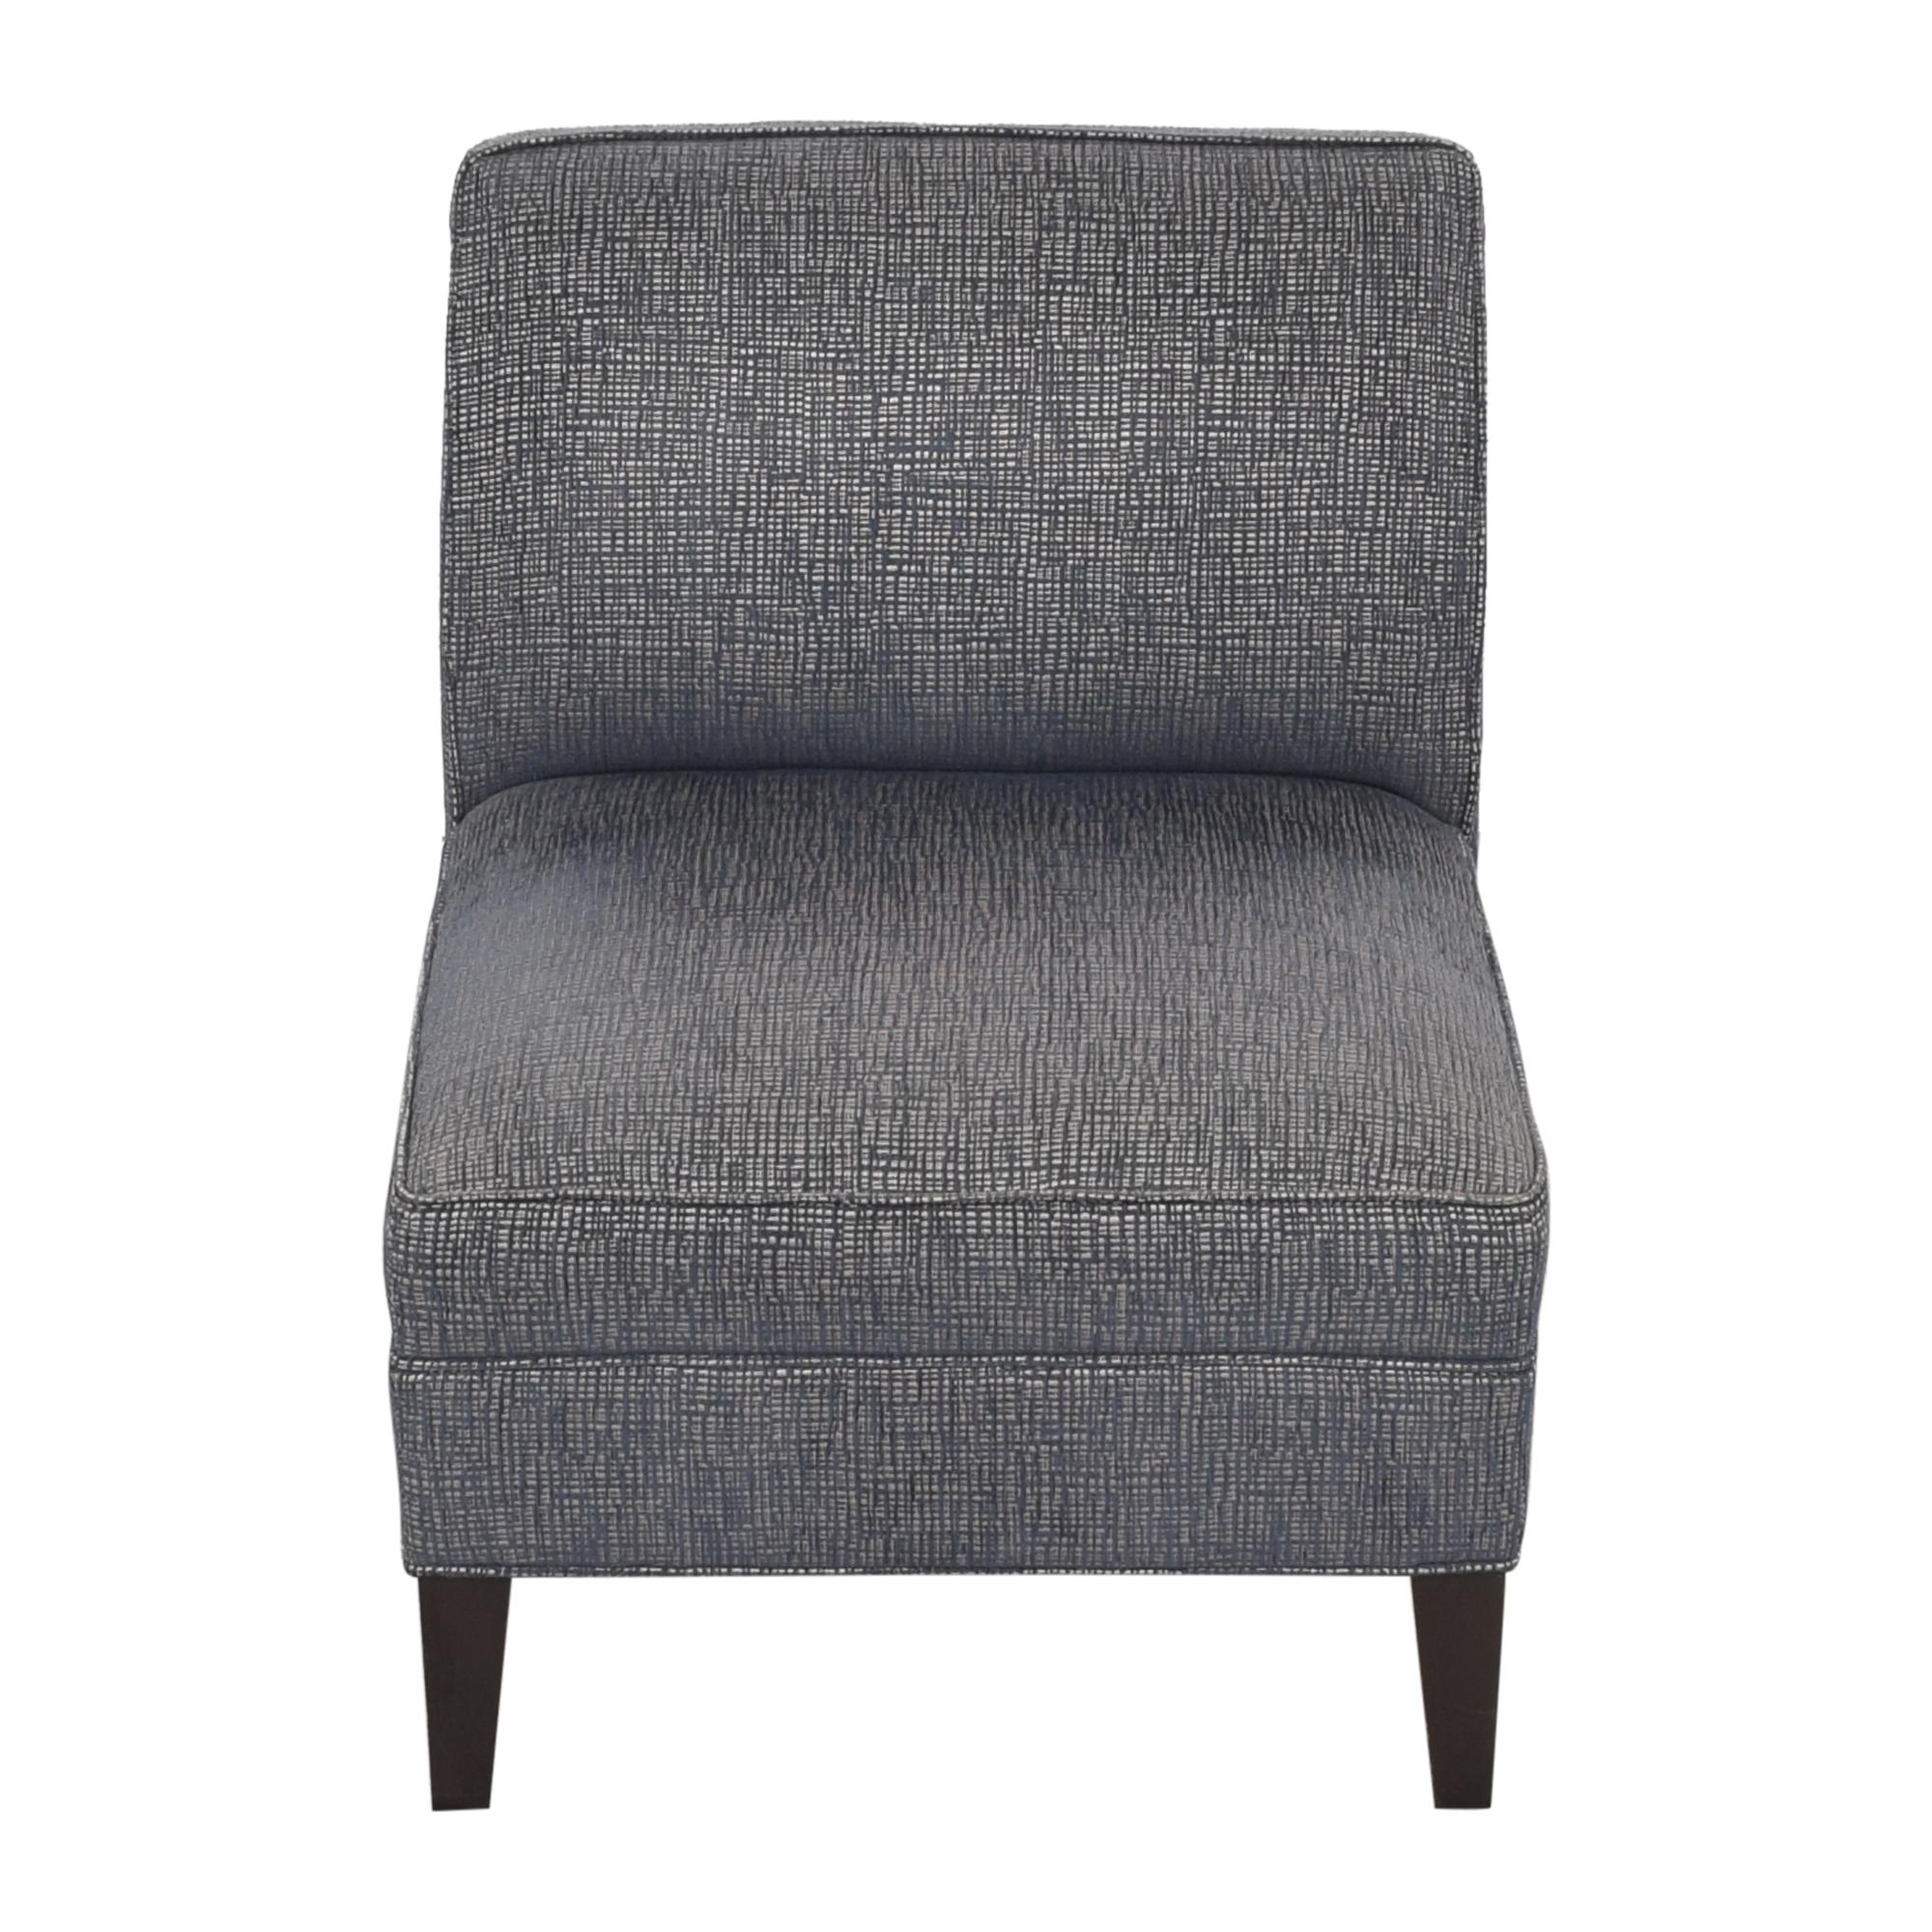 Ethan Allen Ethan Allen Slipper Chair blue